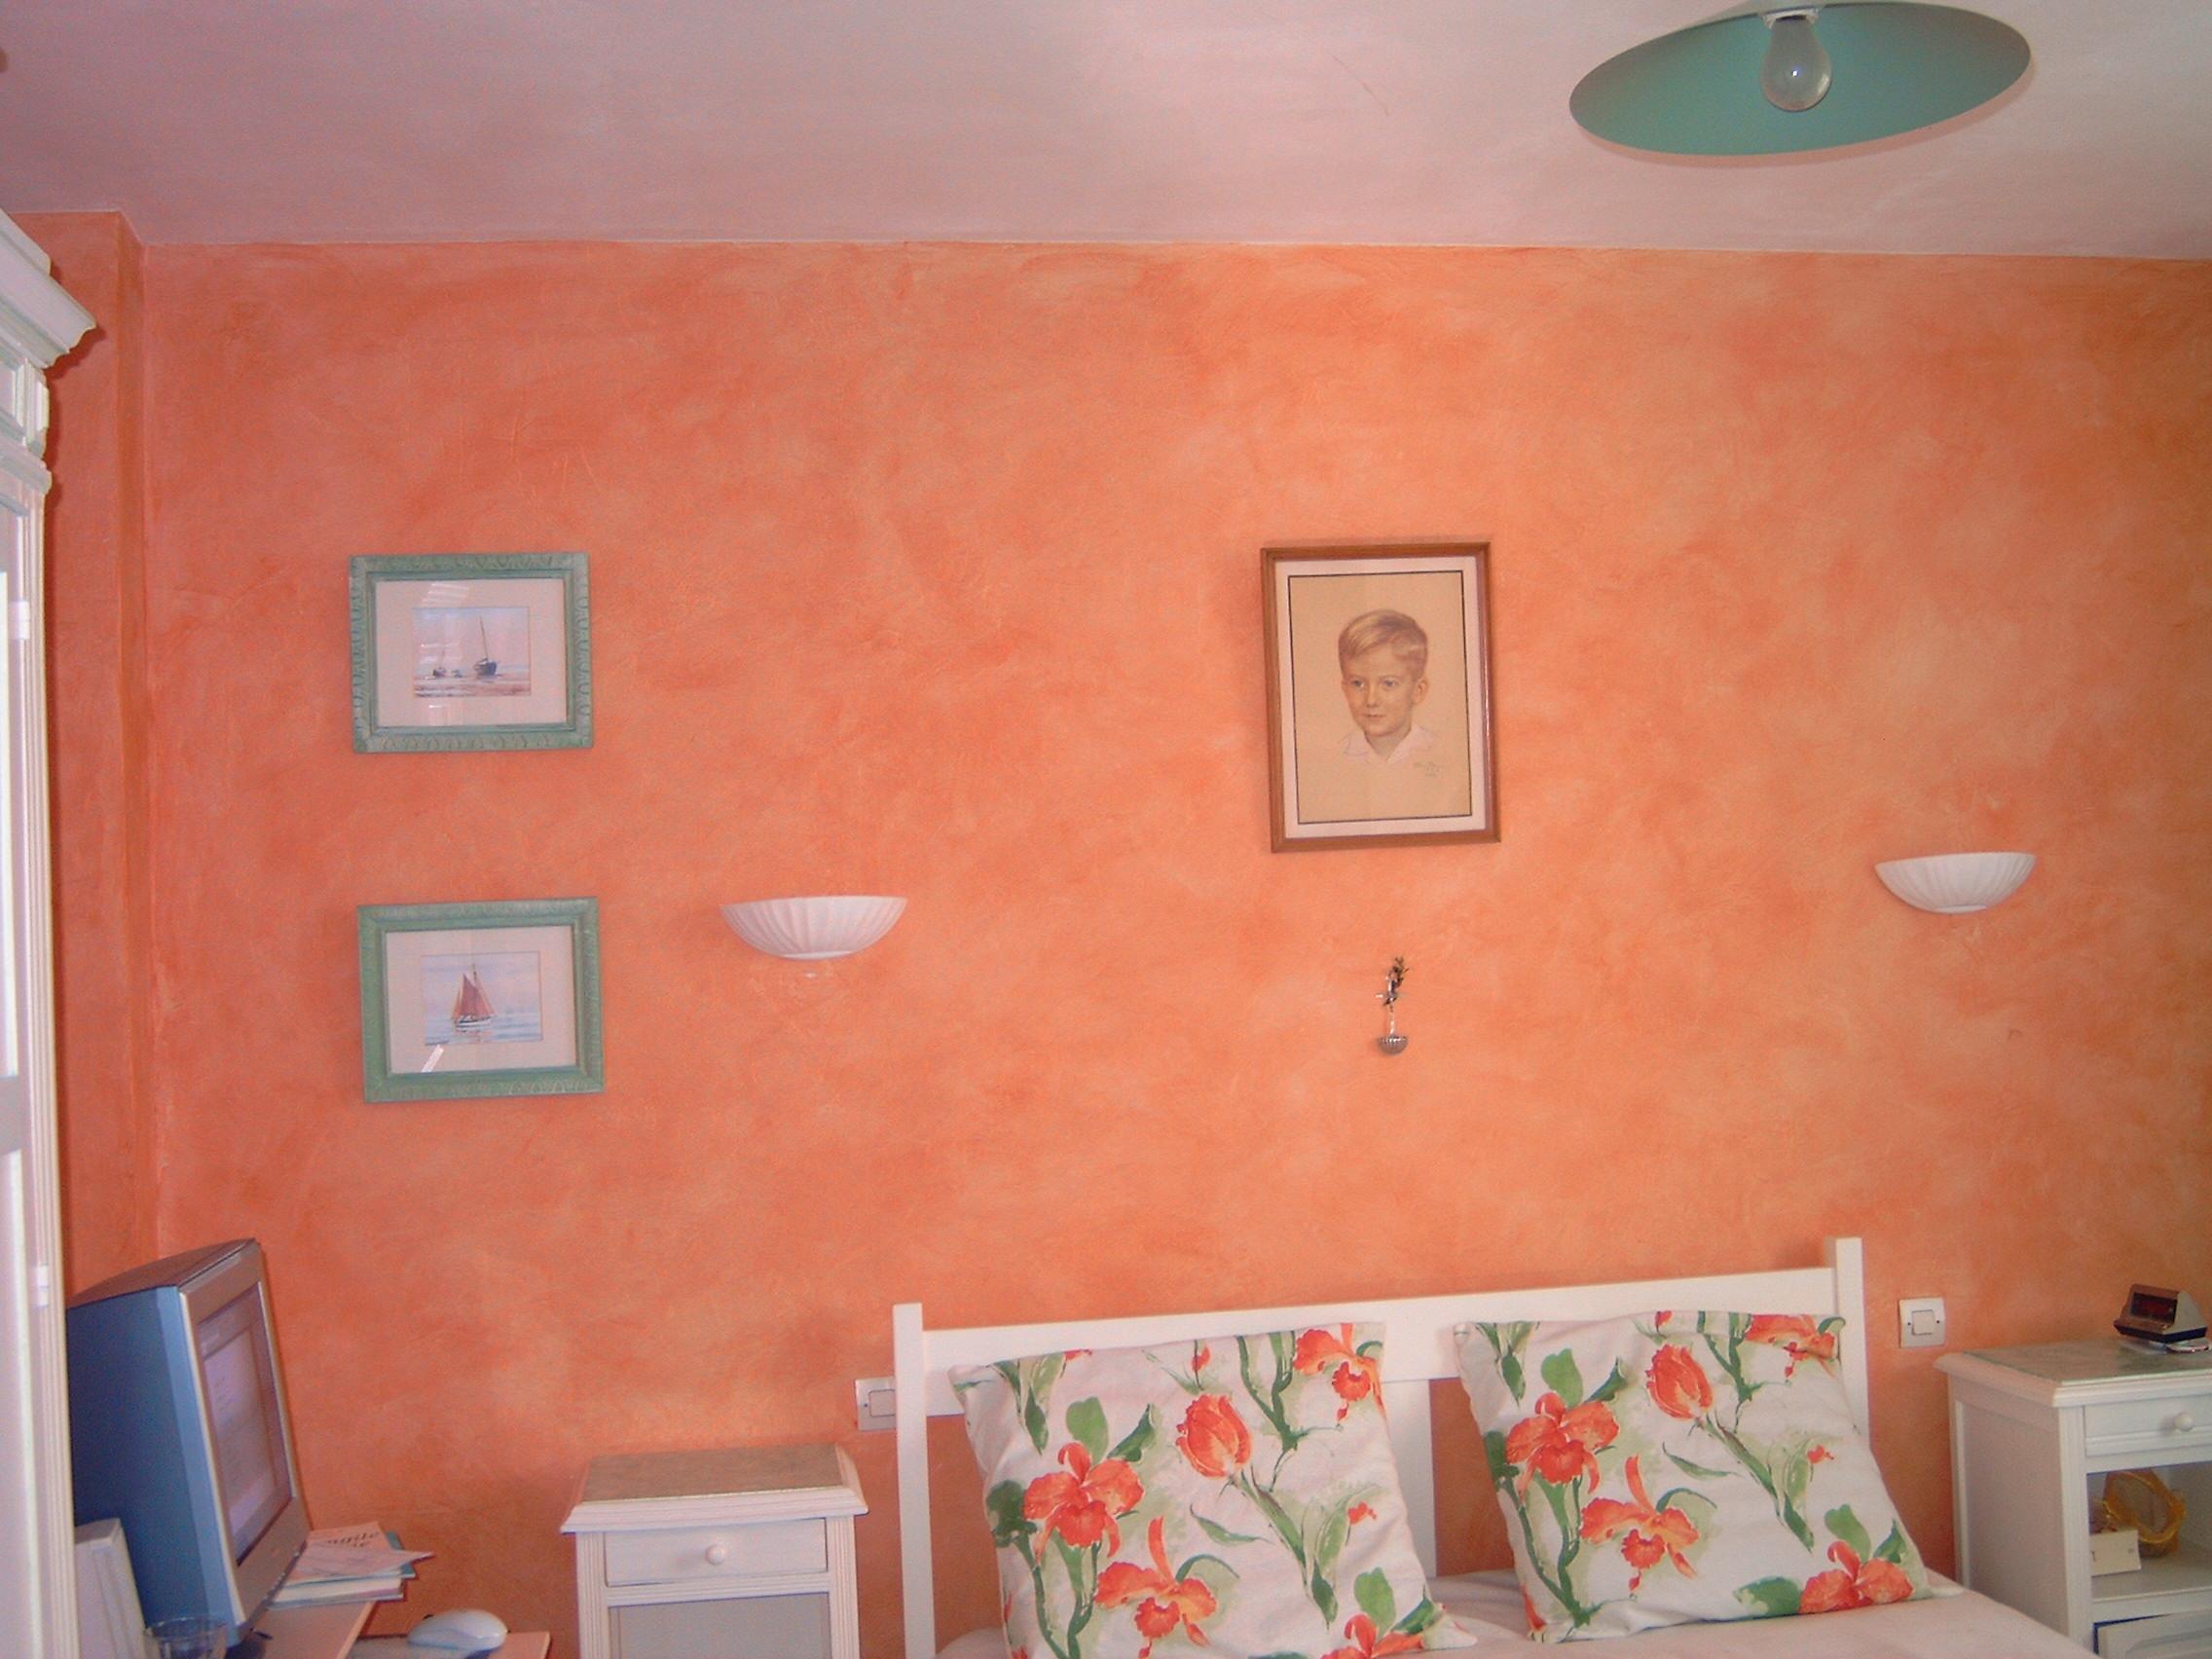 Le blog d' ambiance deco, conseil en décoration d'intérieur ...